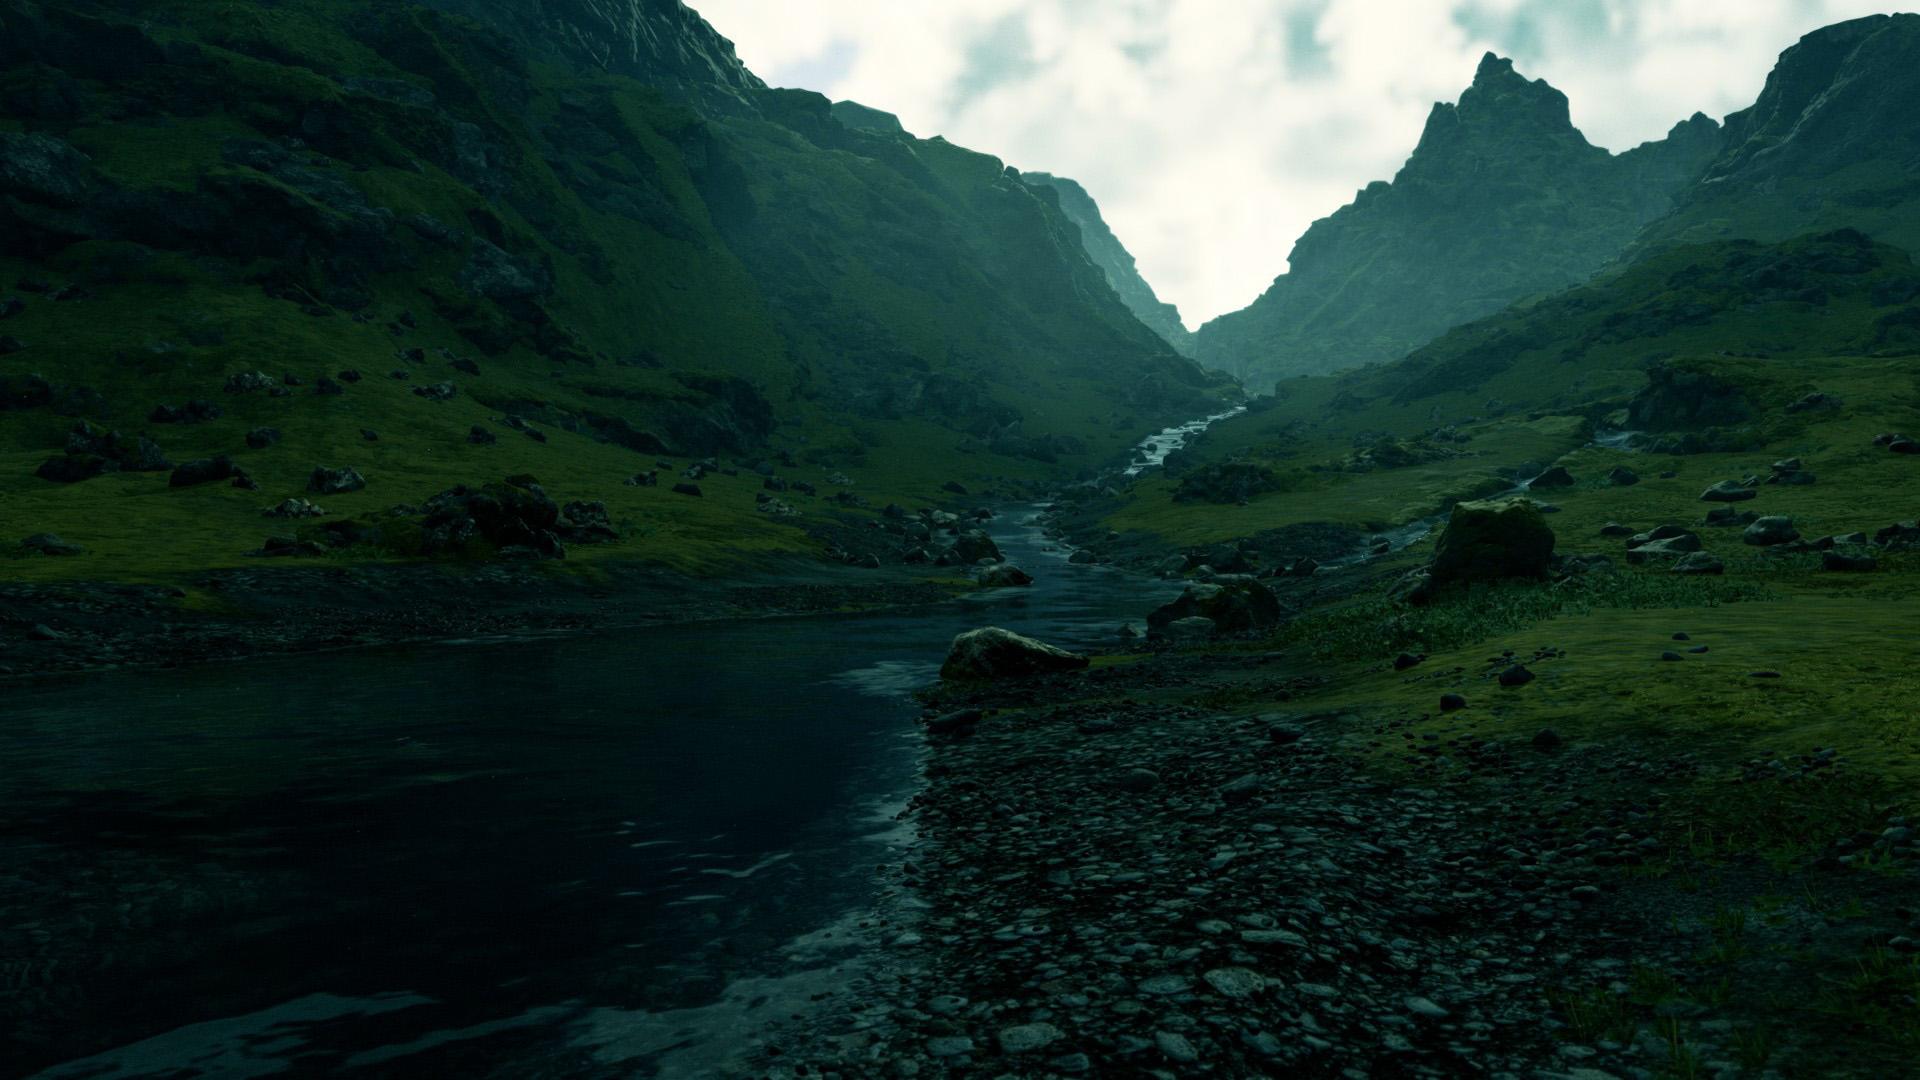 风景大片,自然风光,幽幽山谷,清晨,青山